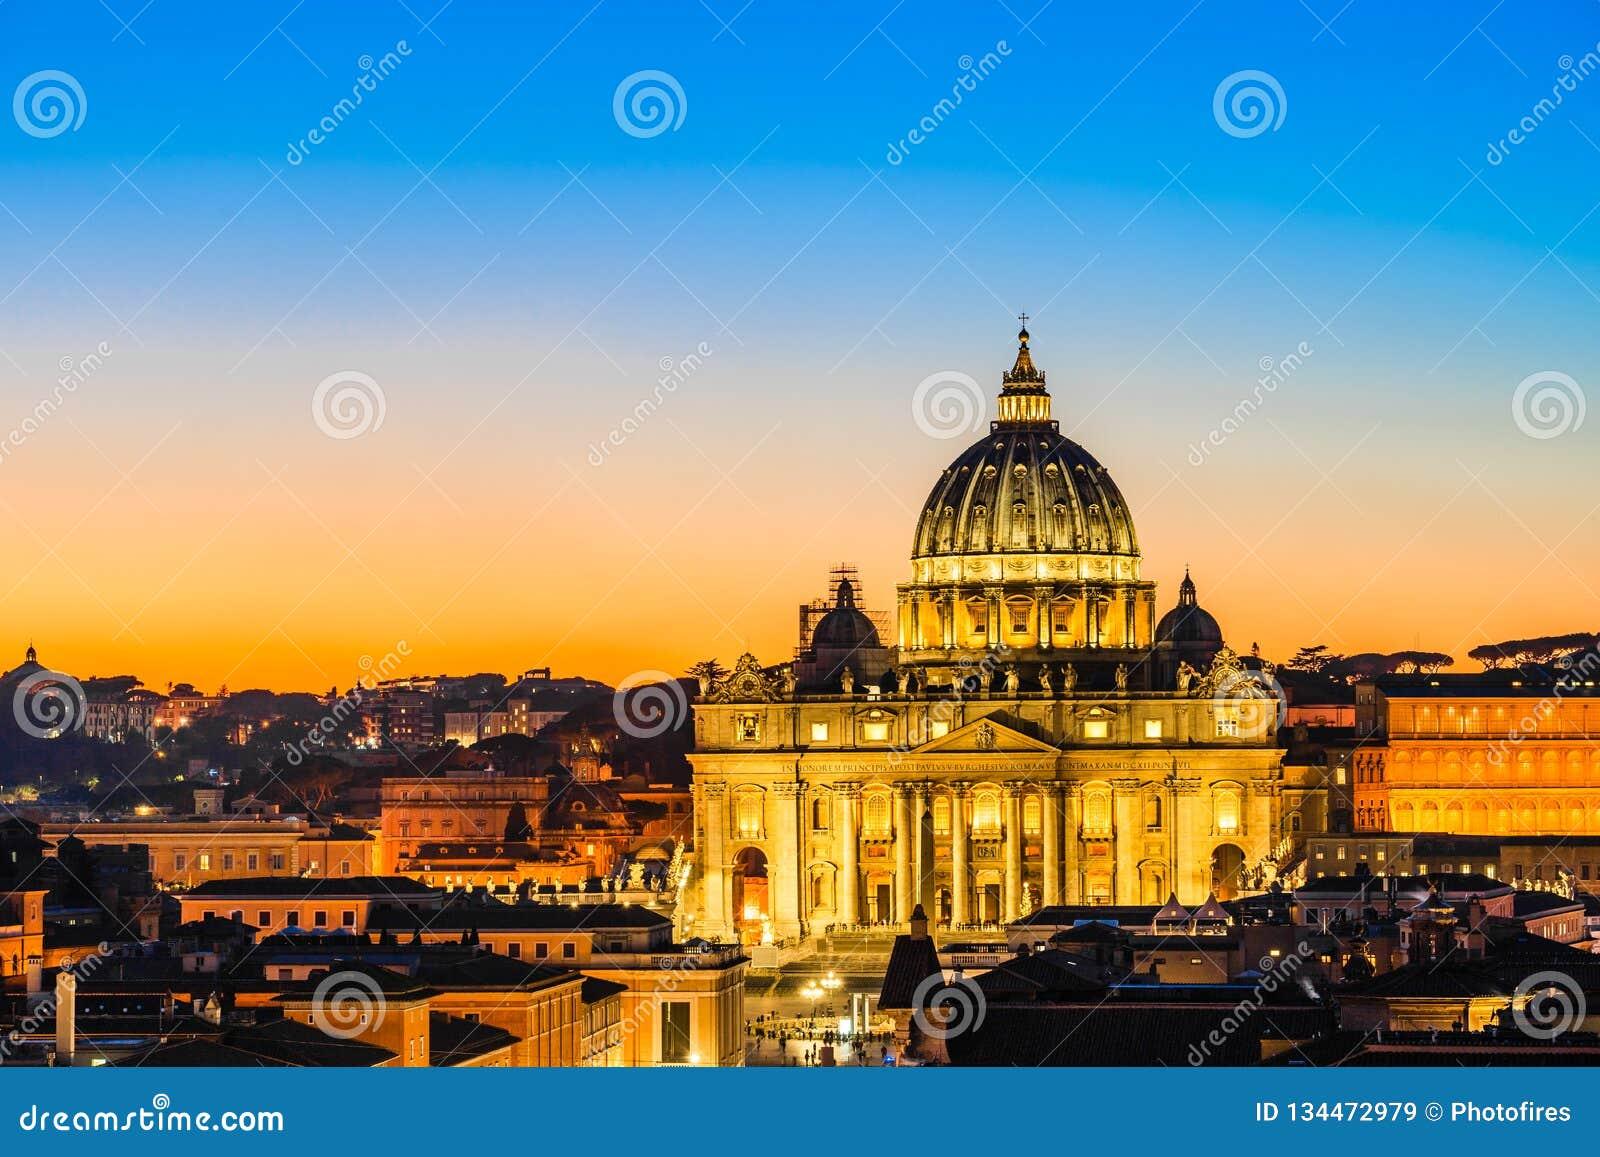 Vista di notte della basilica di St Peter a Città del Vaticano, Roma, Italia